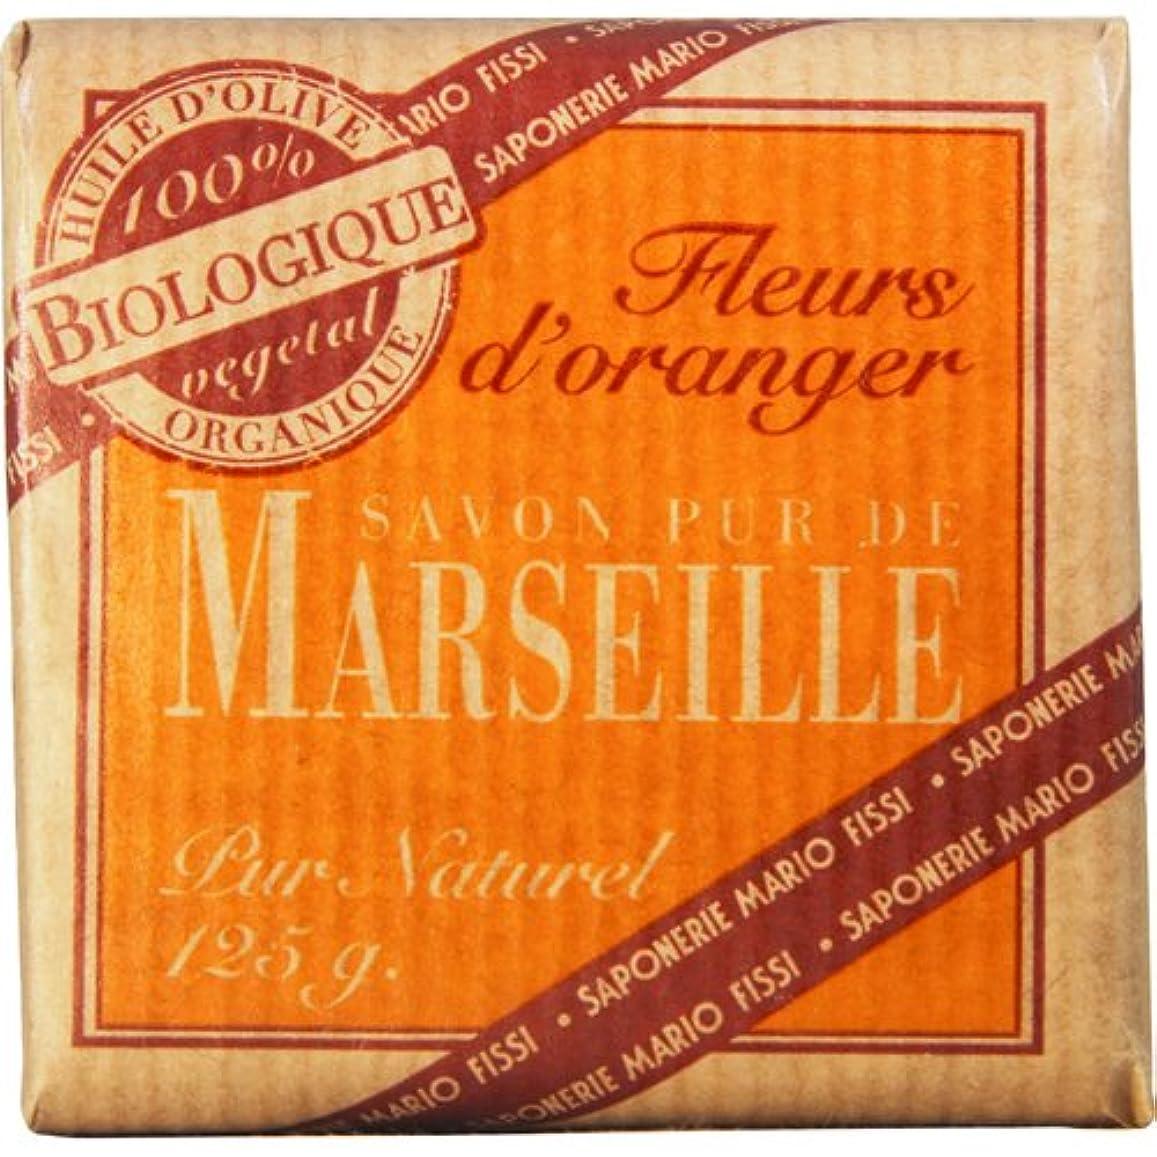 愛情価値縁石Saponerire Fissi マルセイユシリーズ マルセイユソープ 125g Orange Flower オレンジフラワー